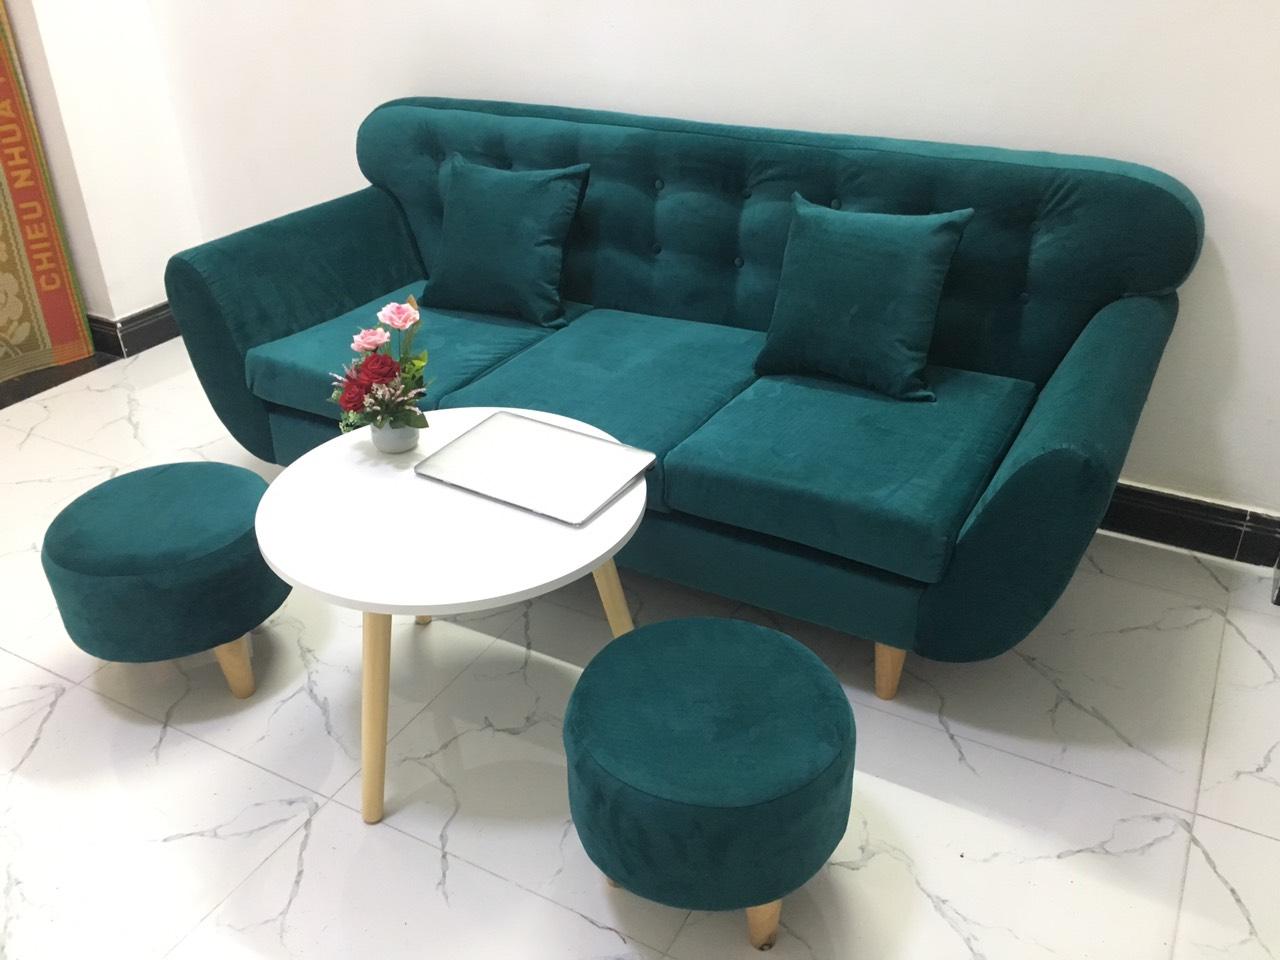 Bộ ghế sofa băng xanh ngọc, salon phòng khách 1m9 PHKH2a